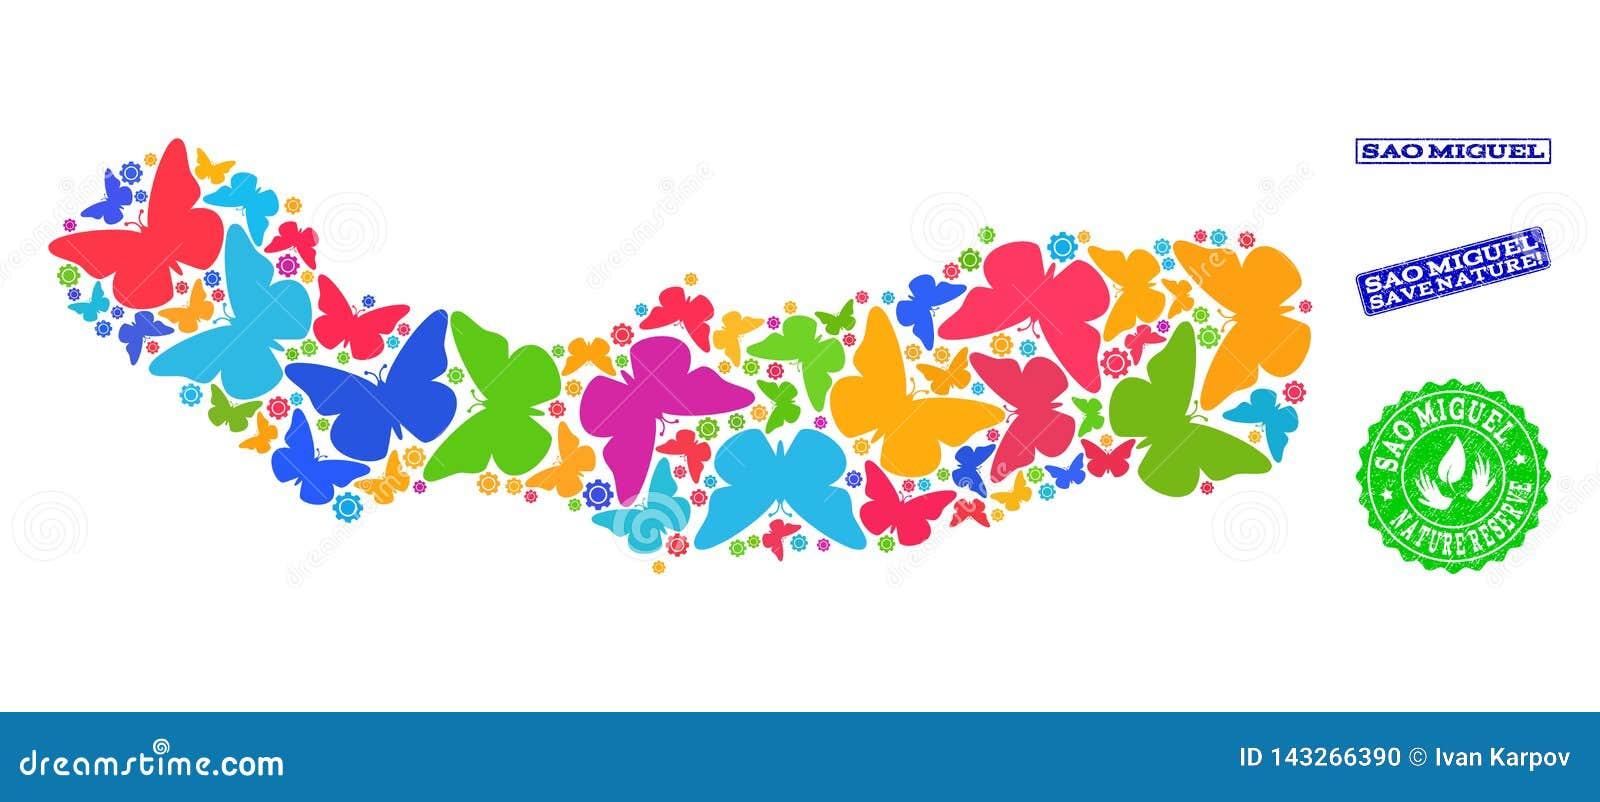 Collage de ahorro de la naturaleza del mapa del sao Miguel Island con las mariposas y los sellos texturizados